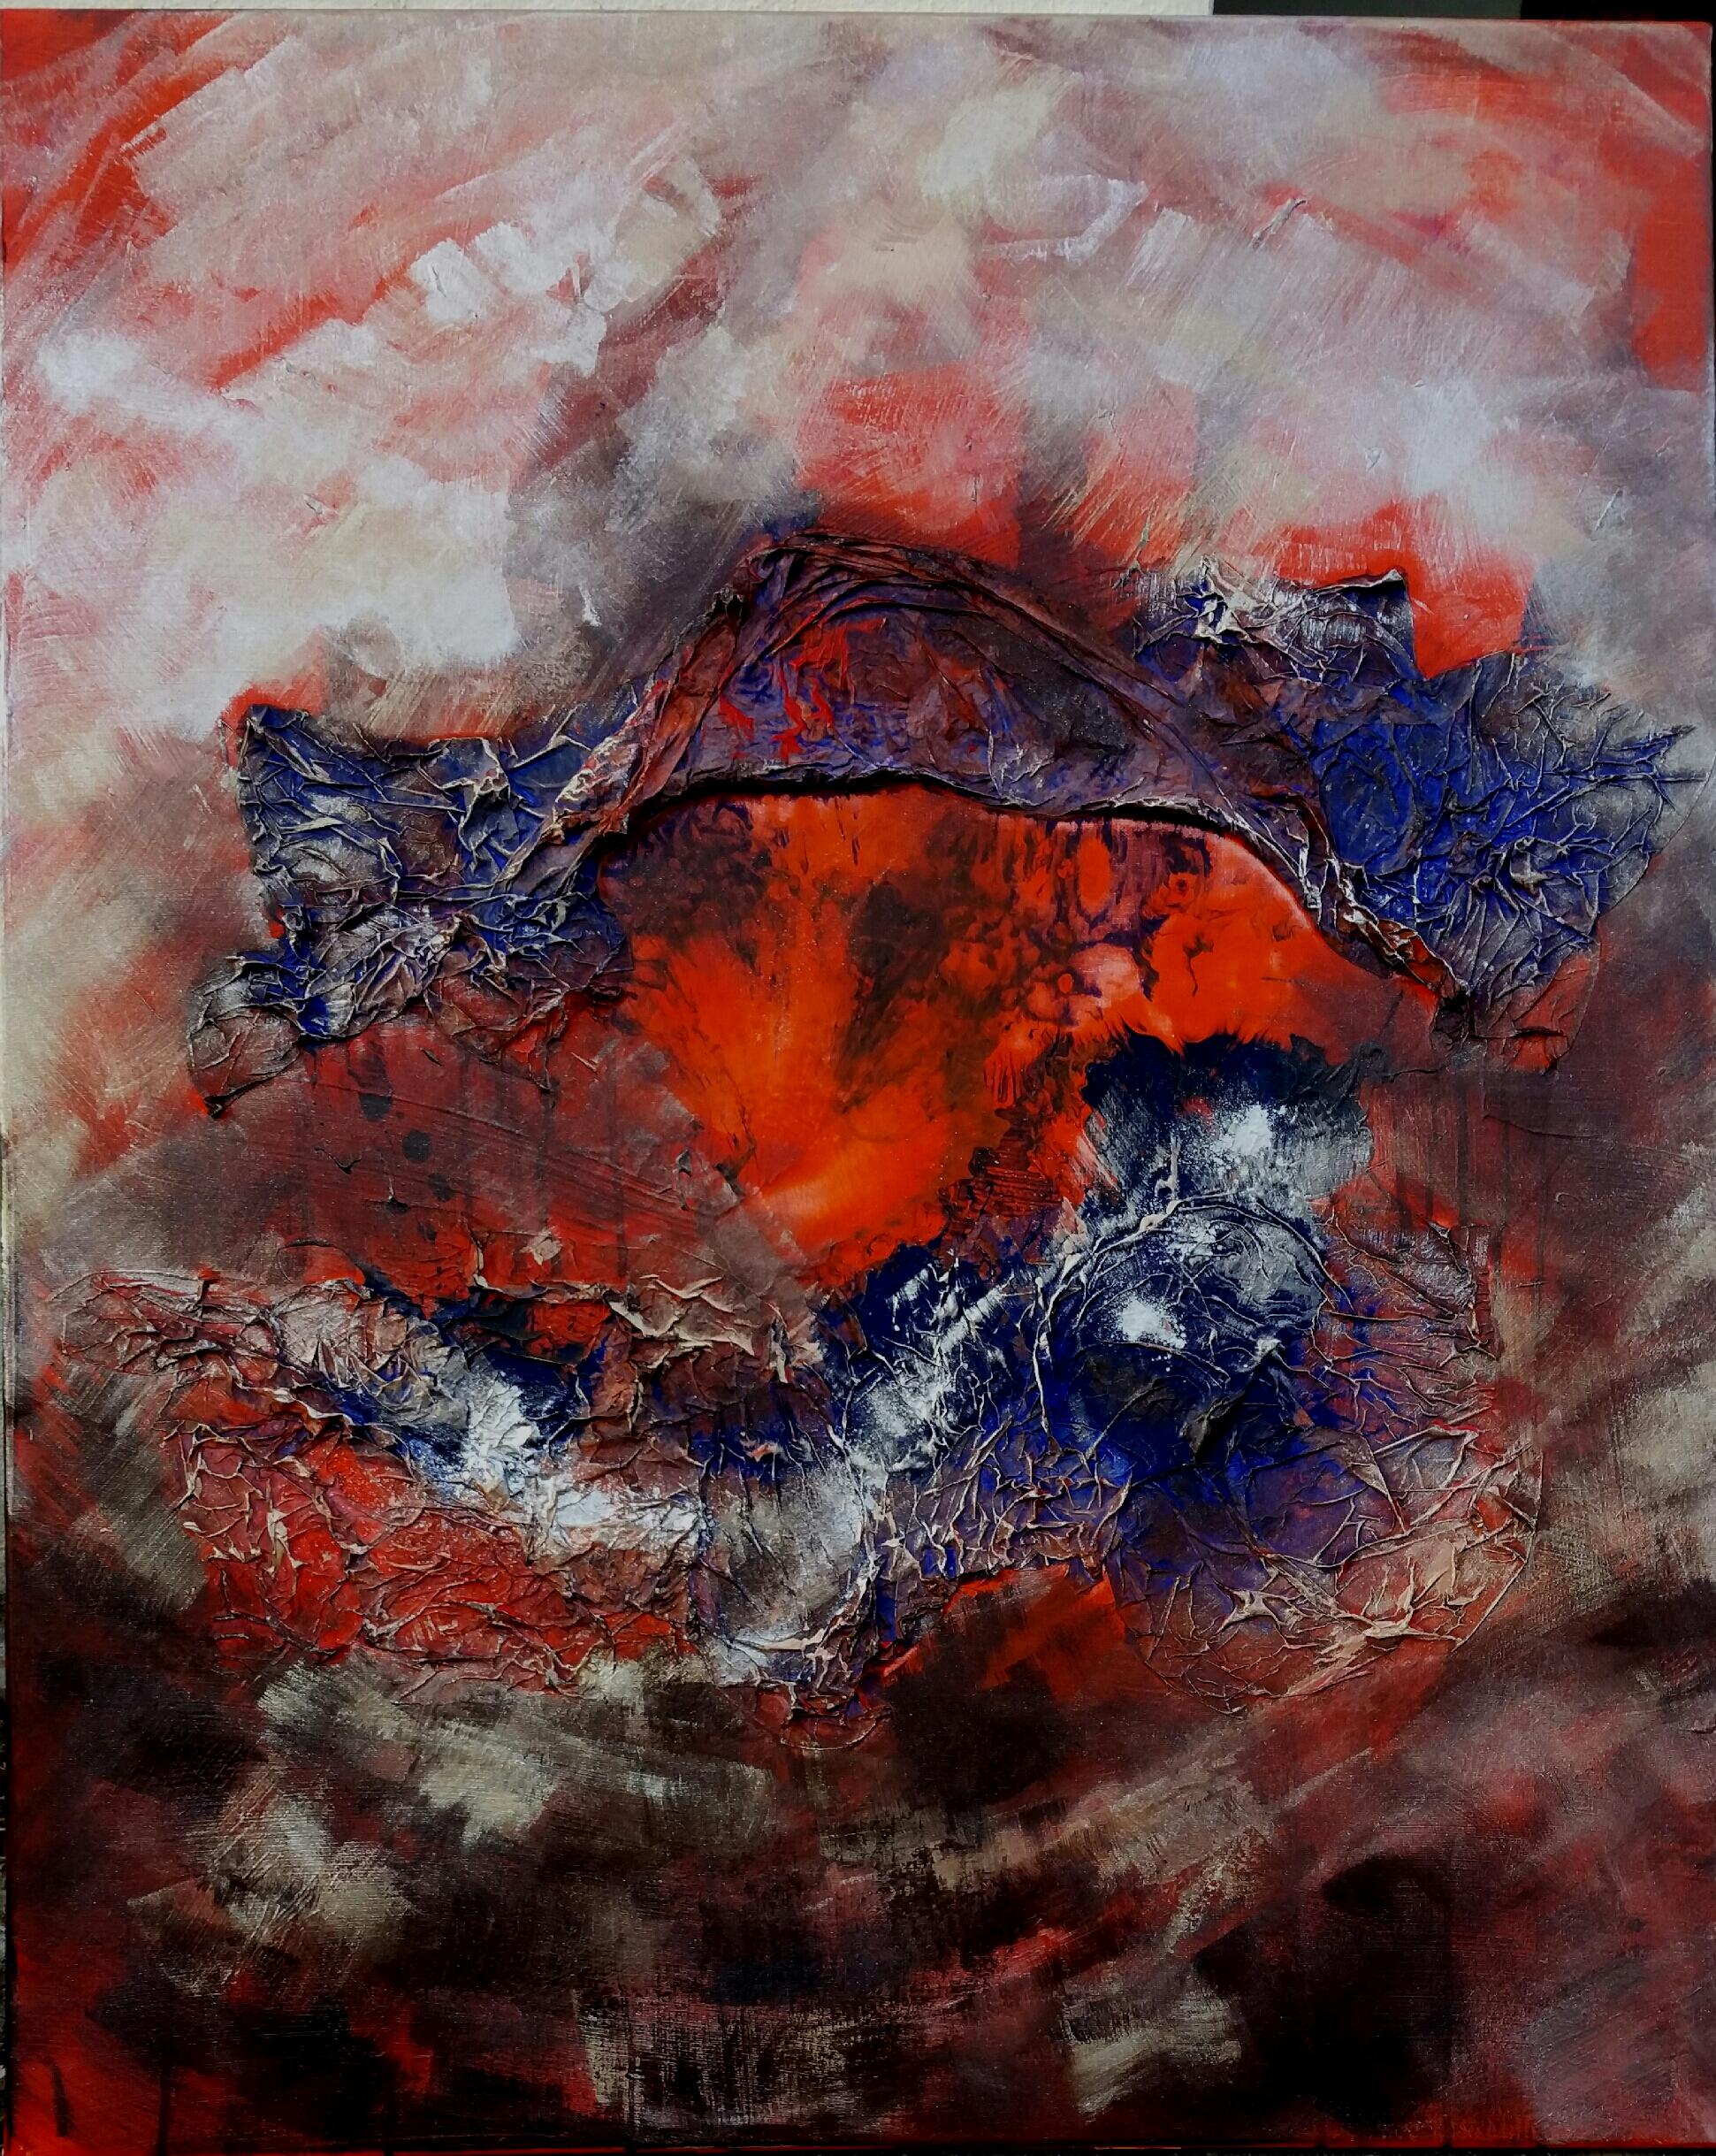 le-foyer-de-la-terre-acrylique-sur-toile-81x65